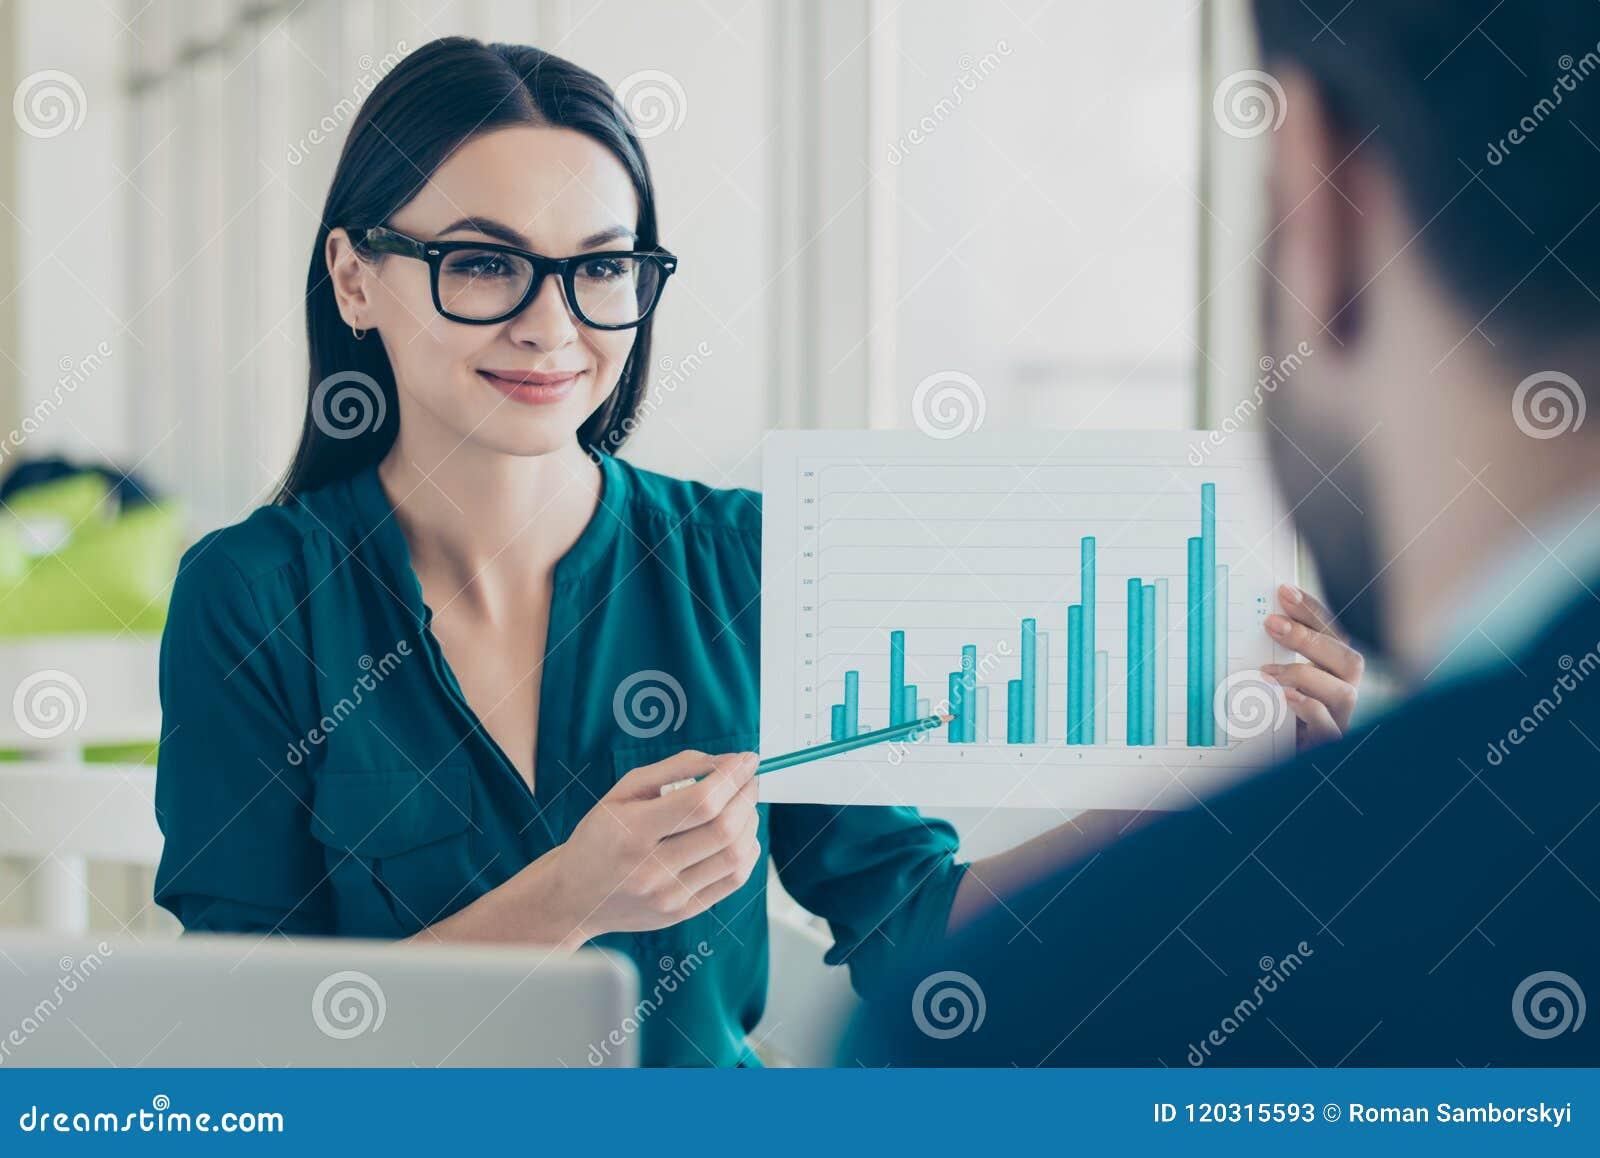 Slimme jonge vrouw in glazen die grafiek tonen aan haar zaken partn